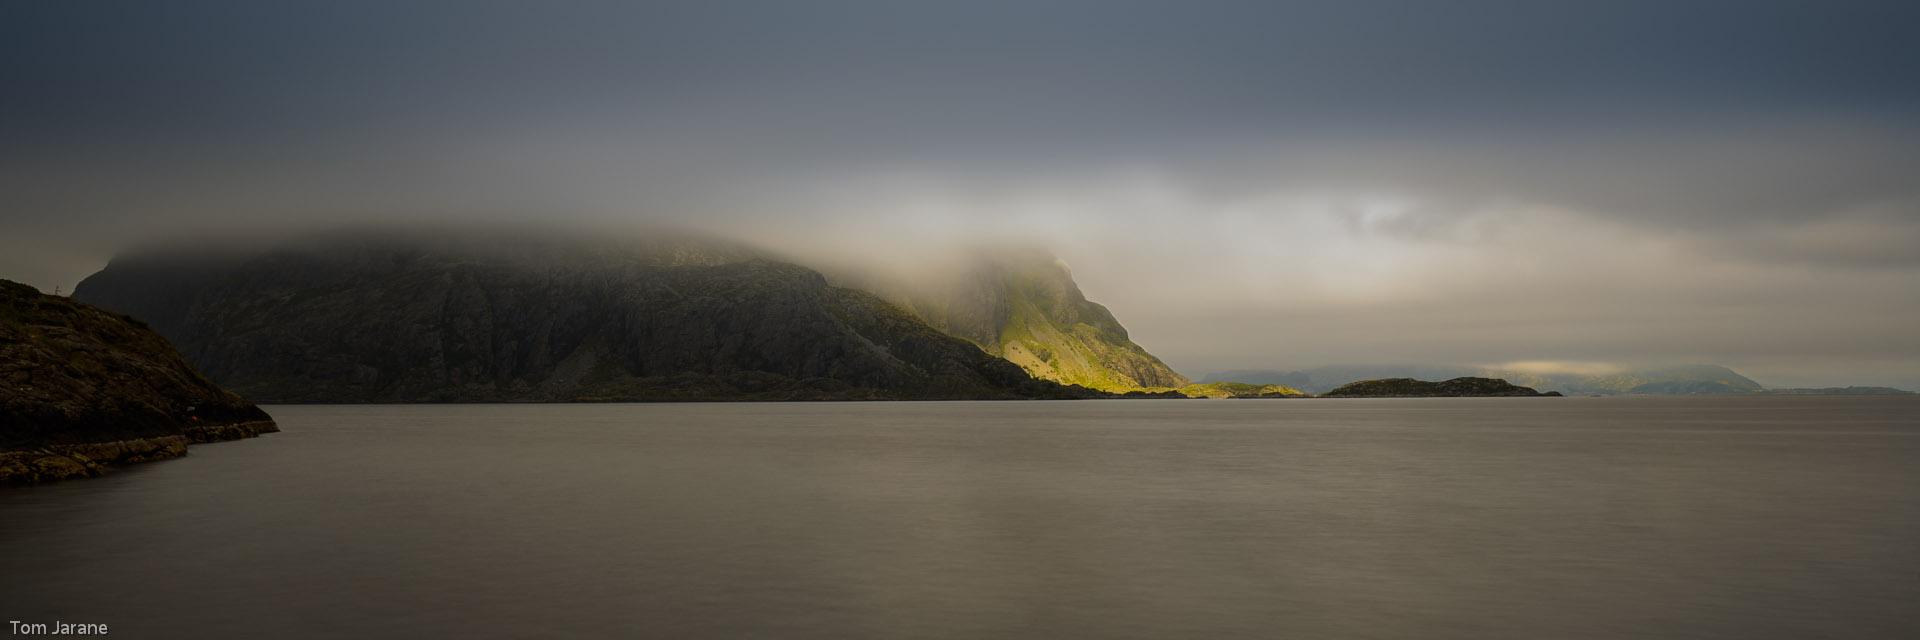 Fog on Alden II